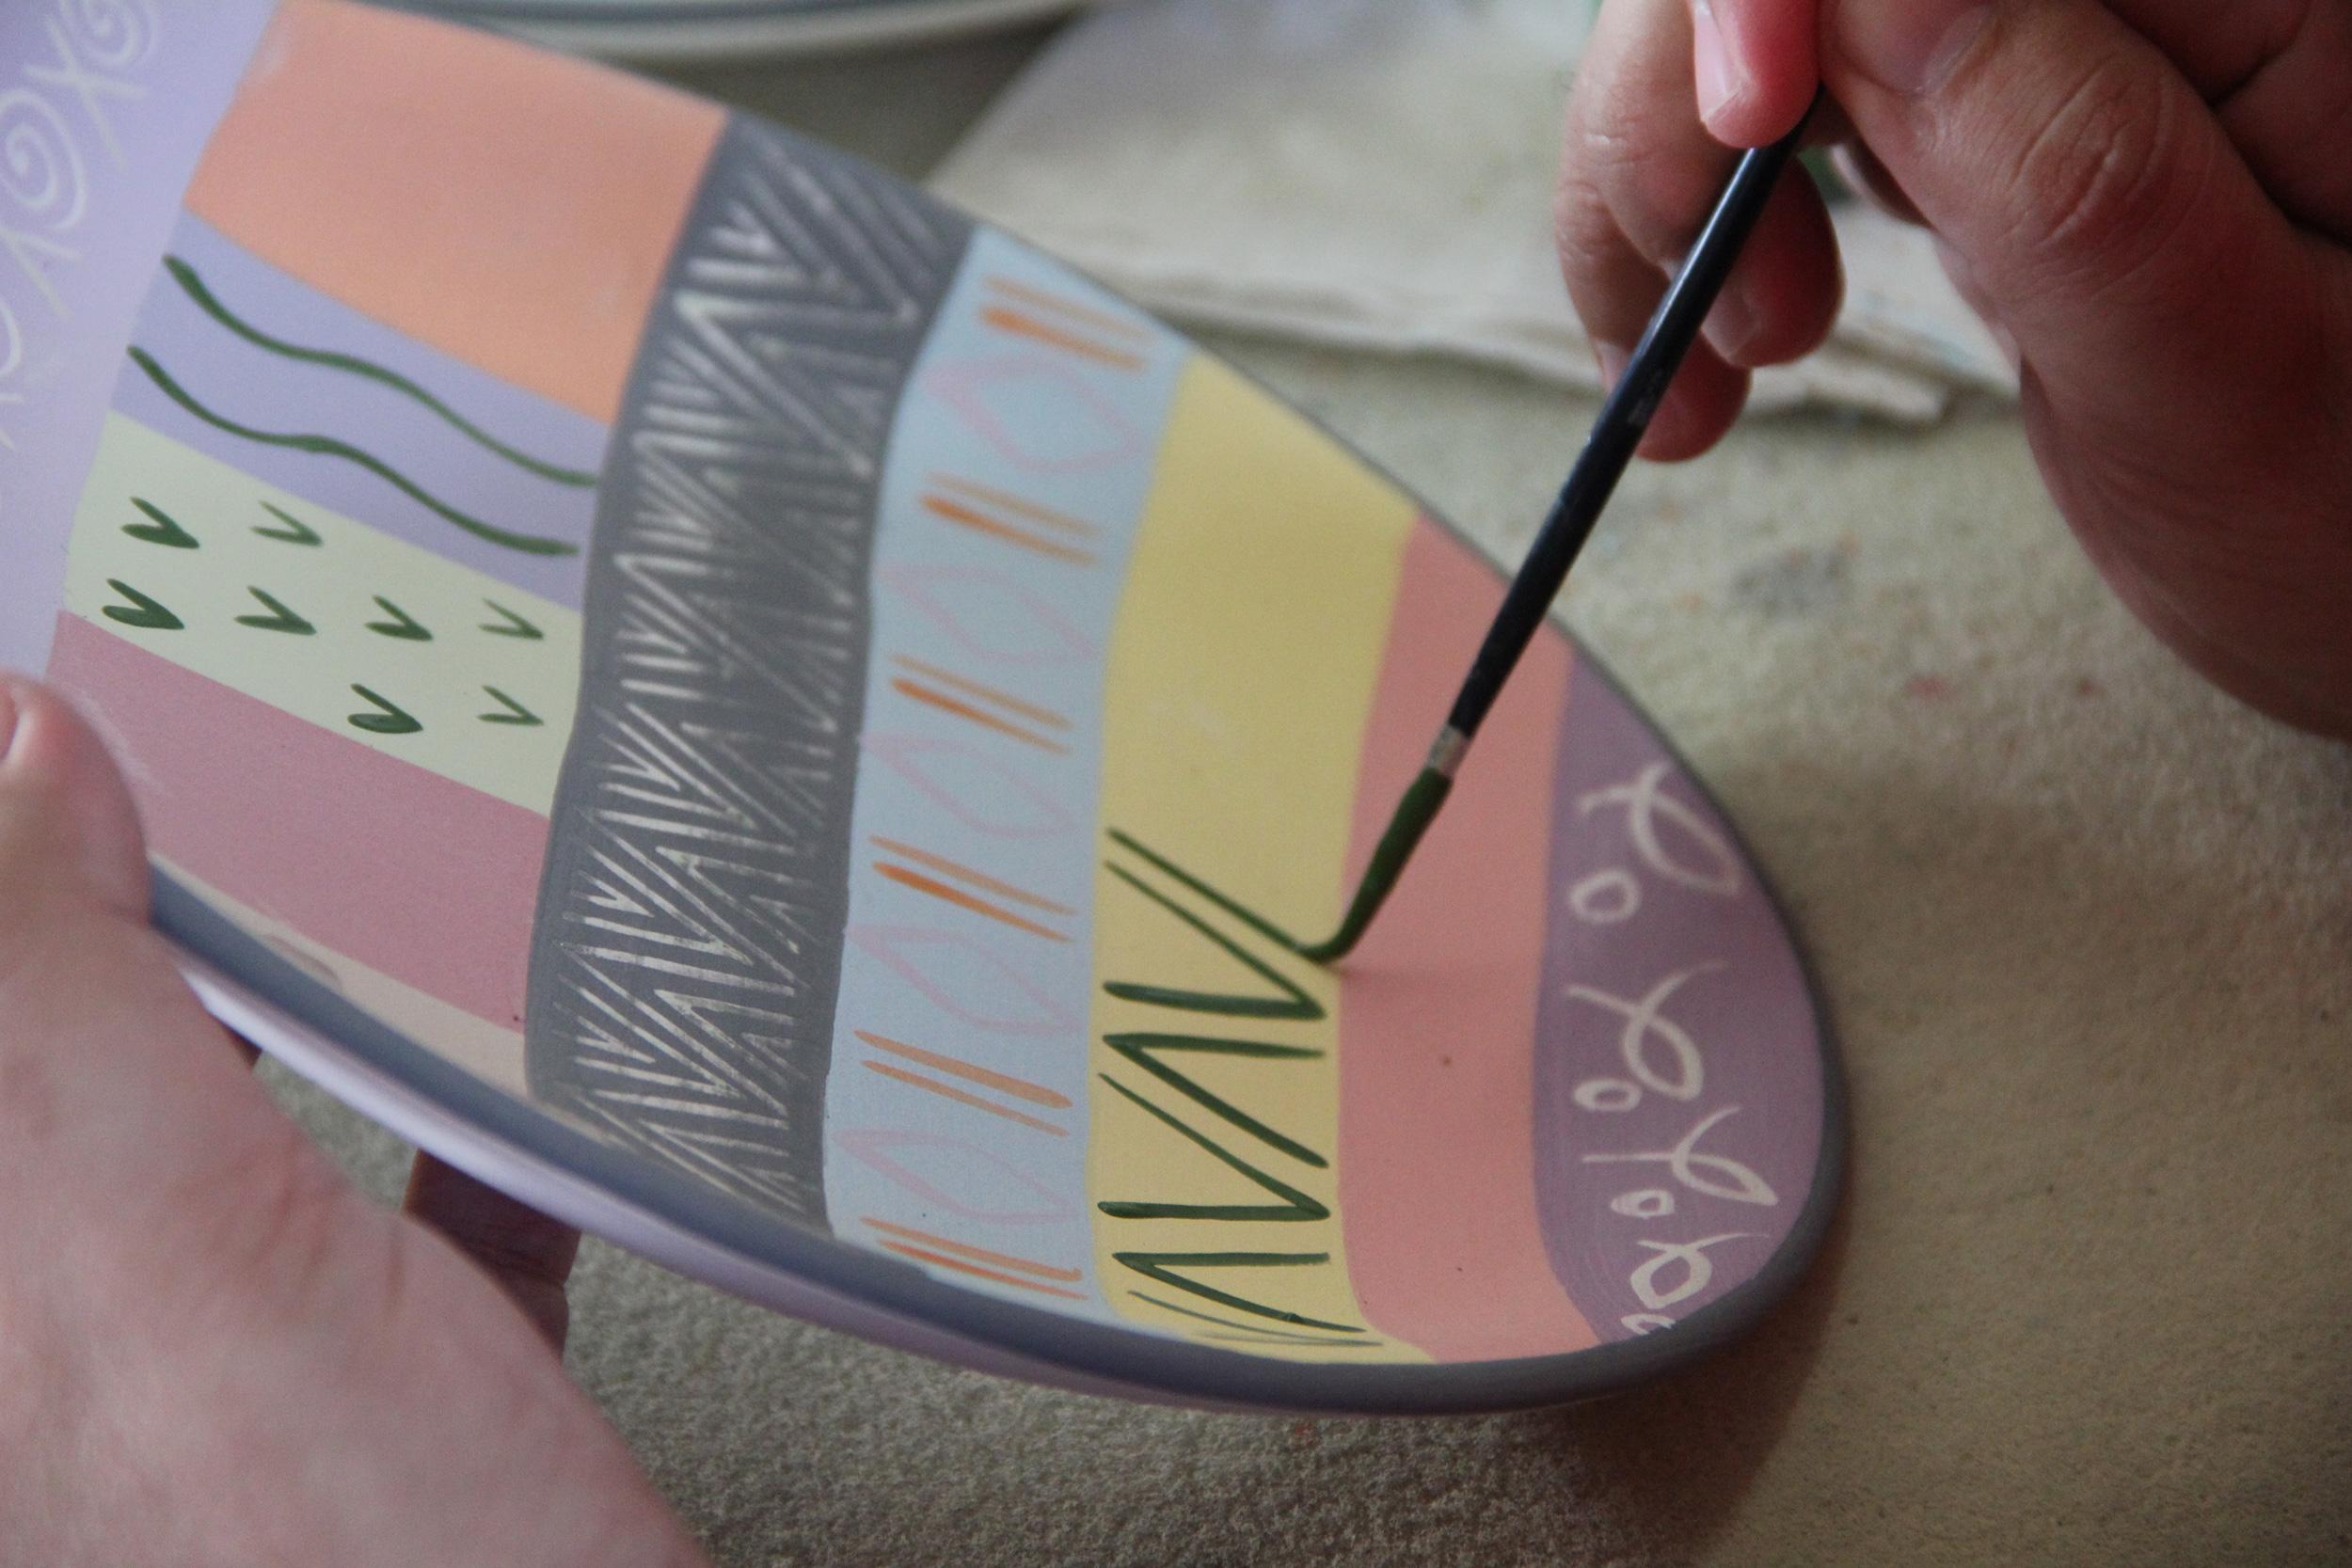 kapula-hand-painted-ceramics-plate.jpg